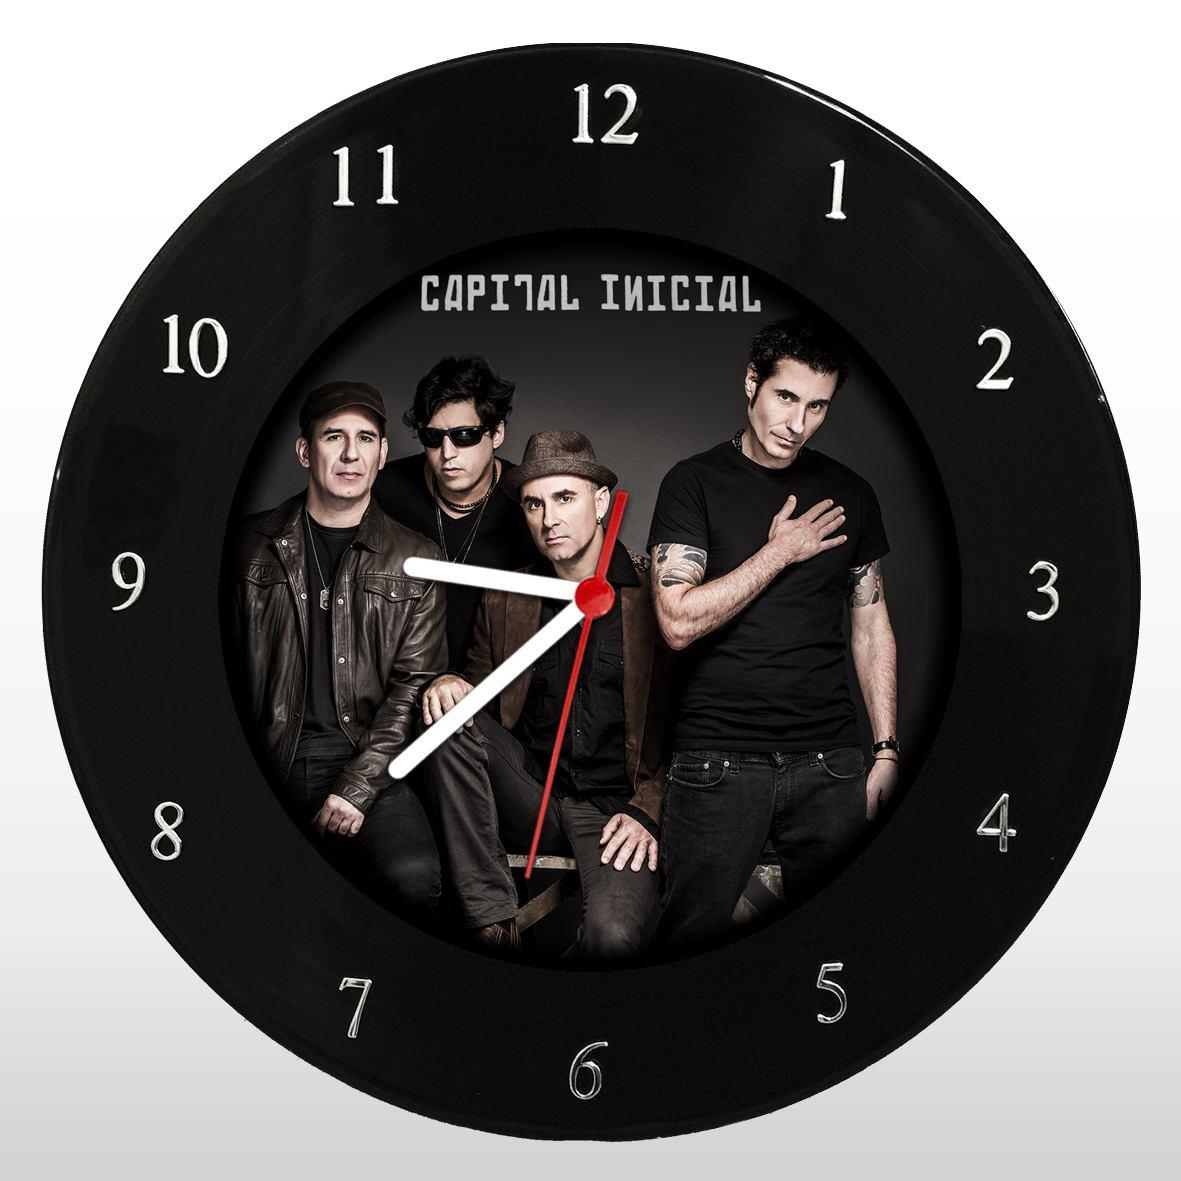 Capital Inicial - Relógio de Parede em Disco de Vinil - Mr. Rock